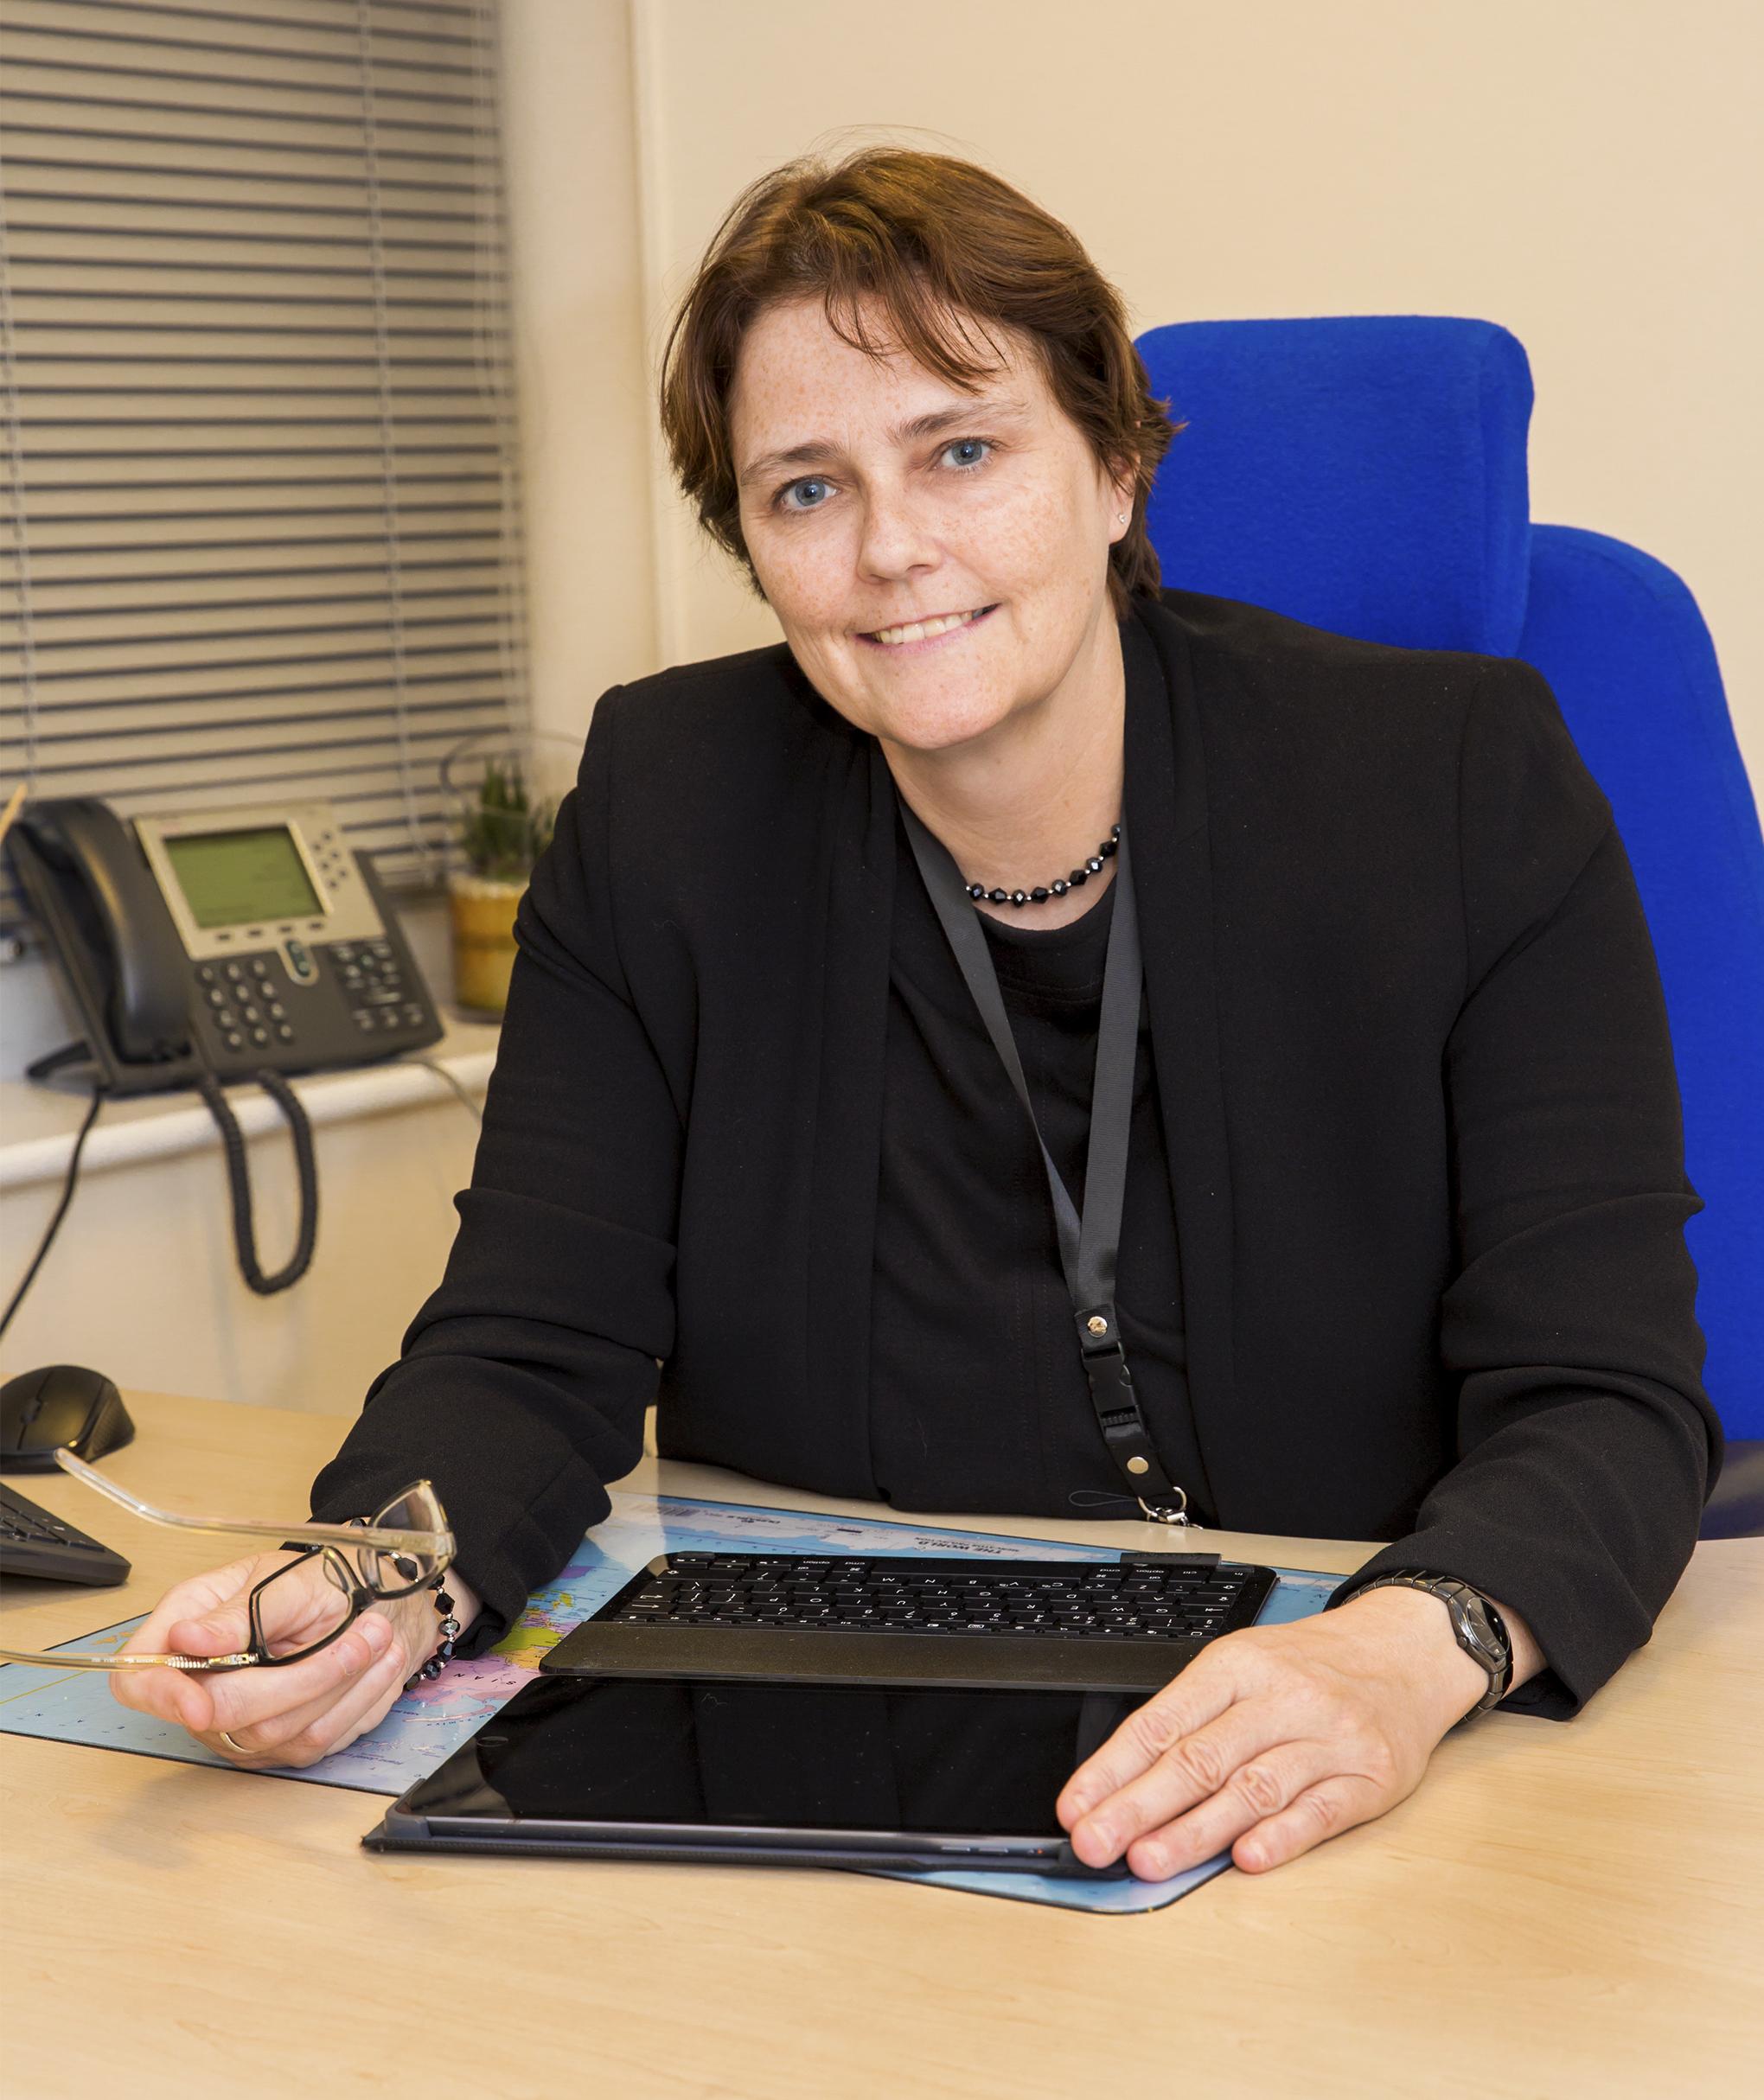 Jane Gardner starts work as Deputy Police and Crime Commissioner for Essex  - Essex Police, Fire & Crime Commissioner